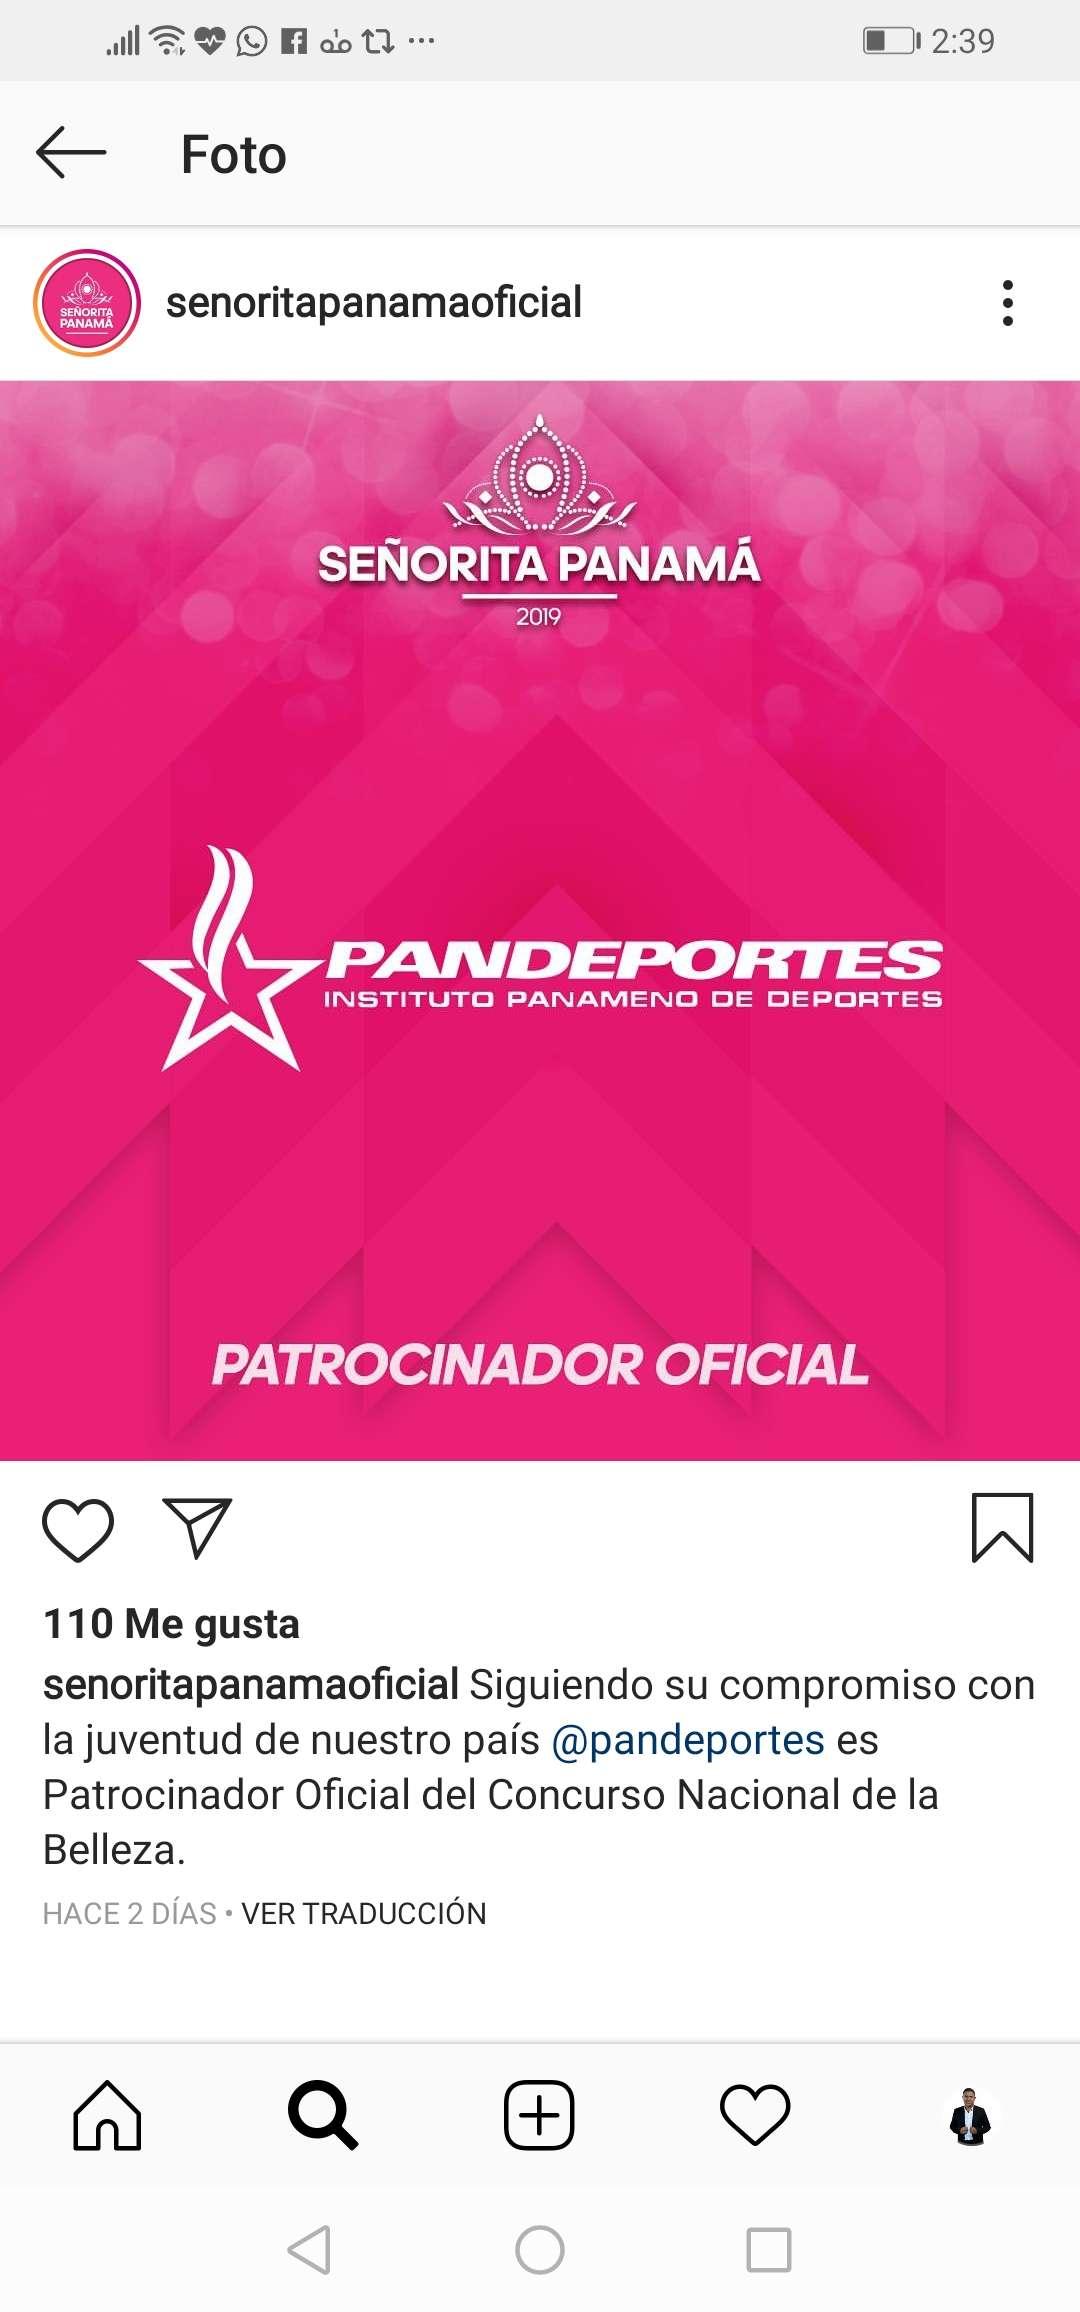 Este es el anuncio que hizo la Organización Señorita Panamá en su cuenta de Instagram.